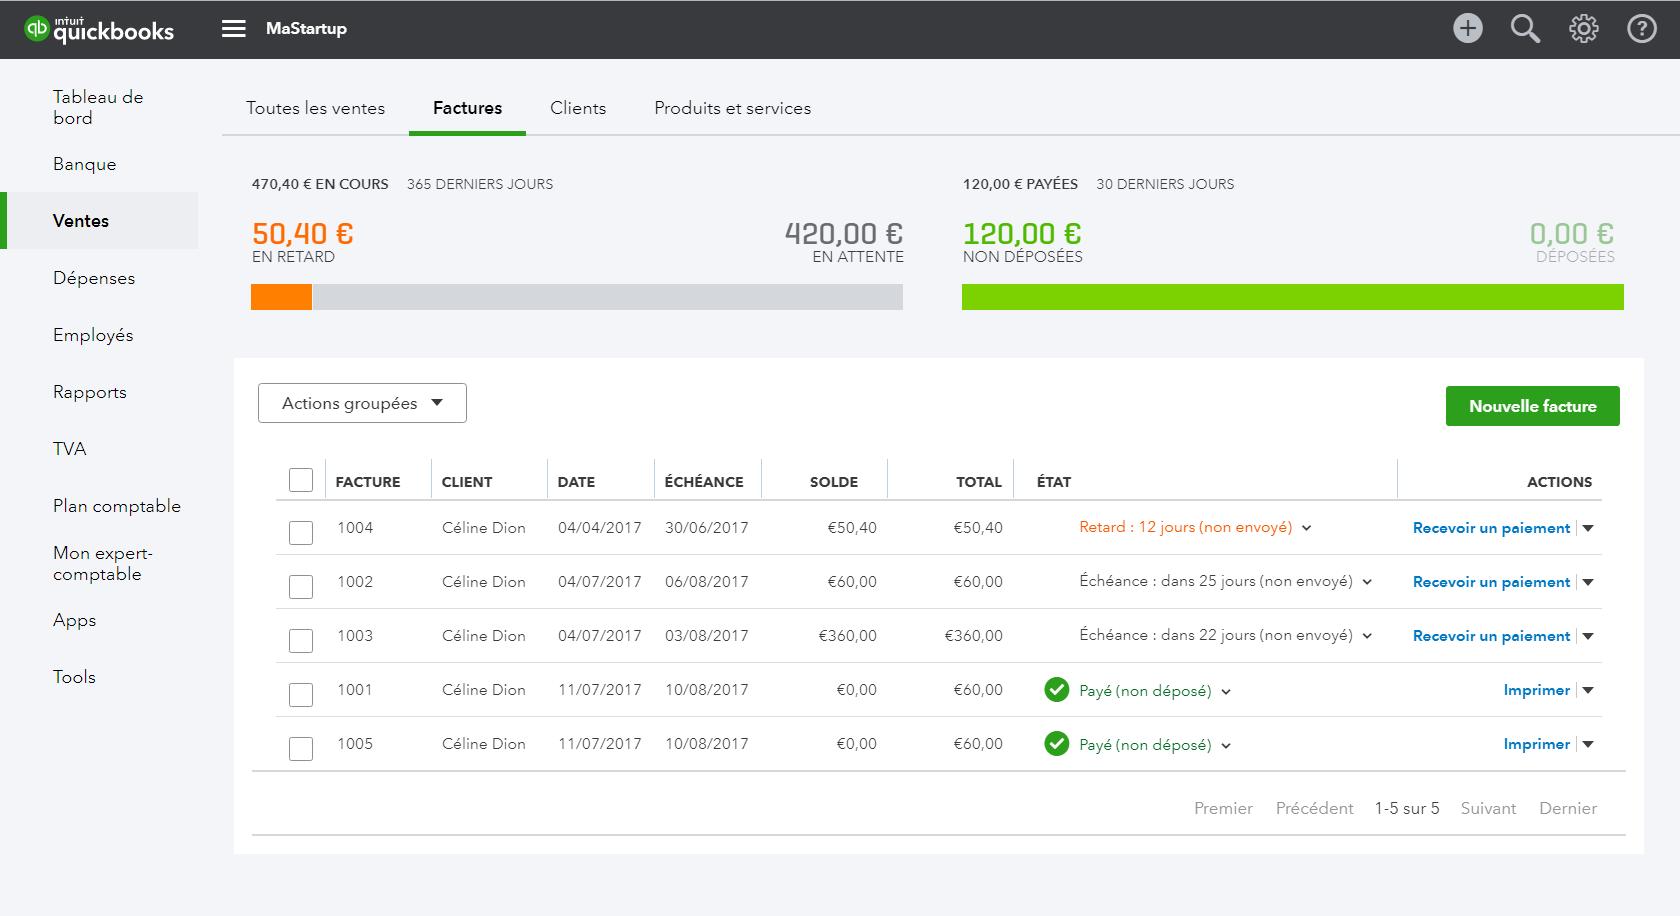 QuickBooks: Customer Invoice Management